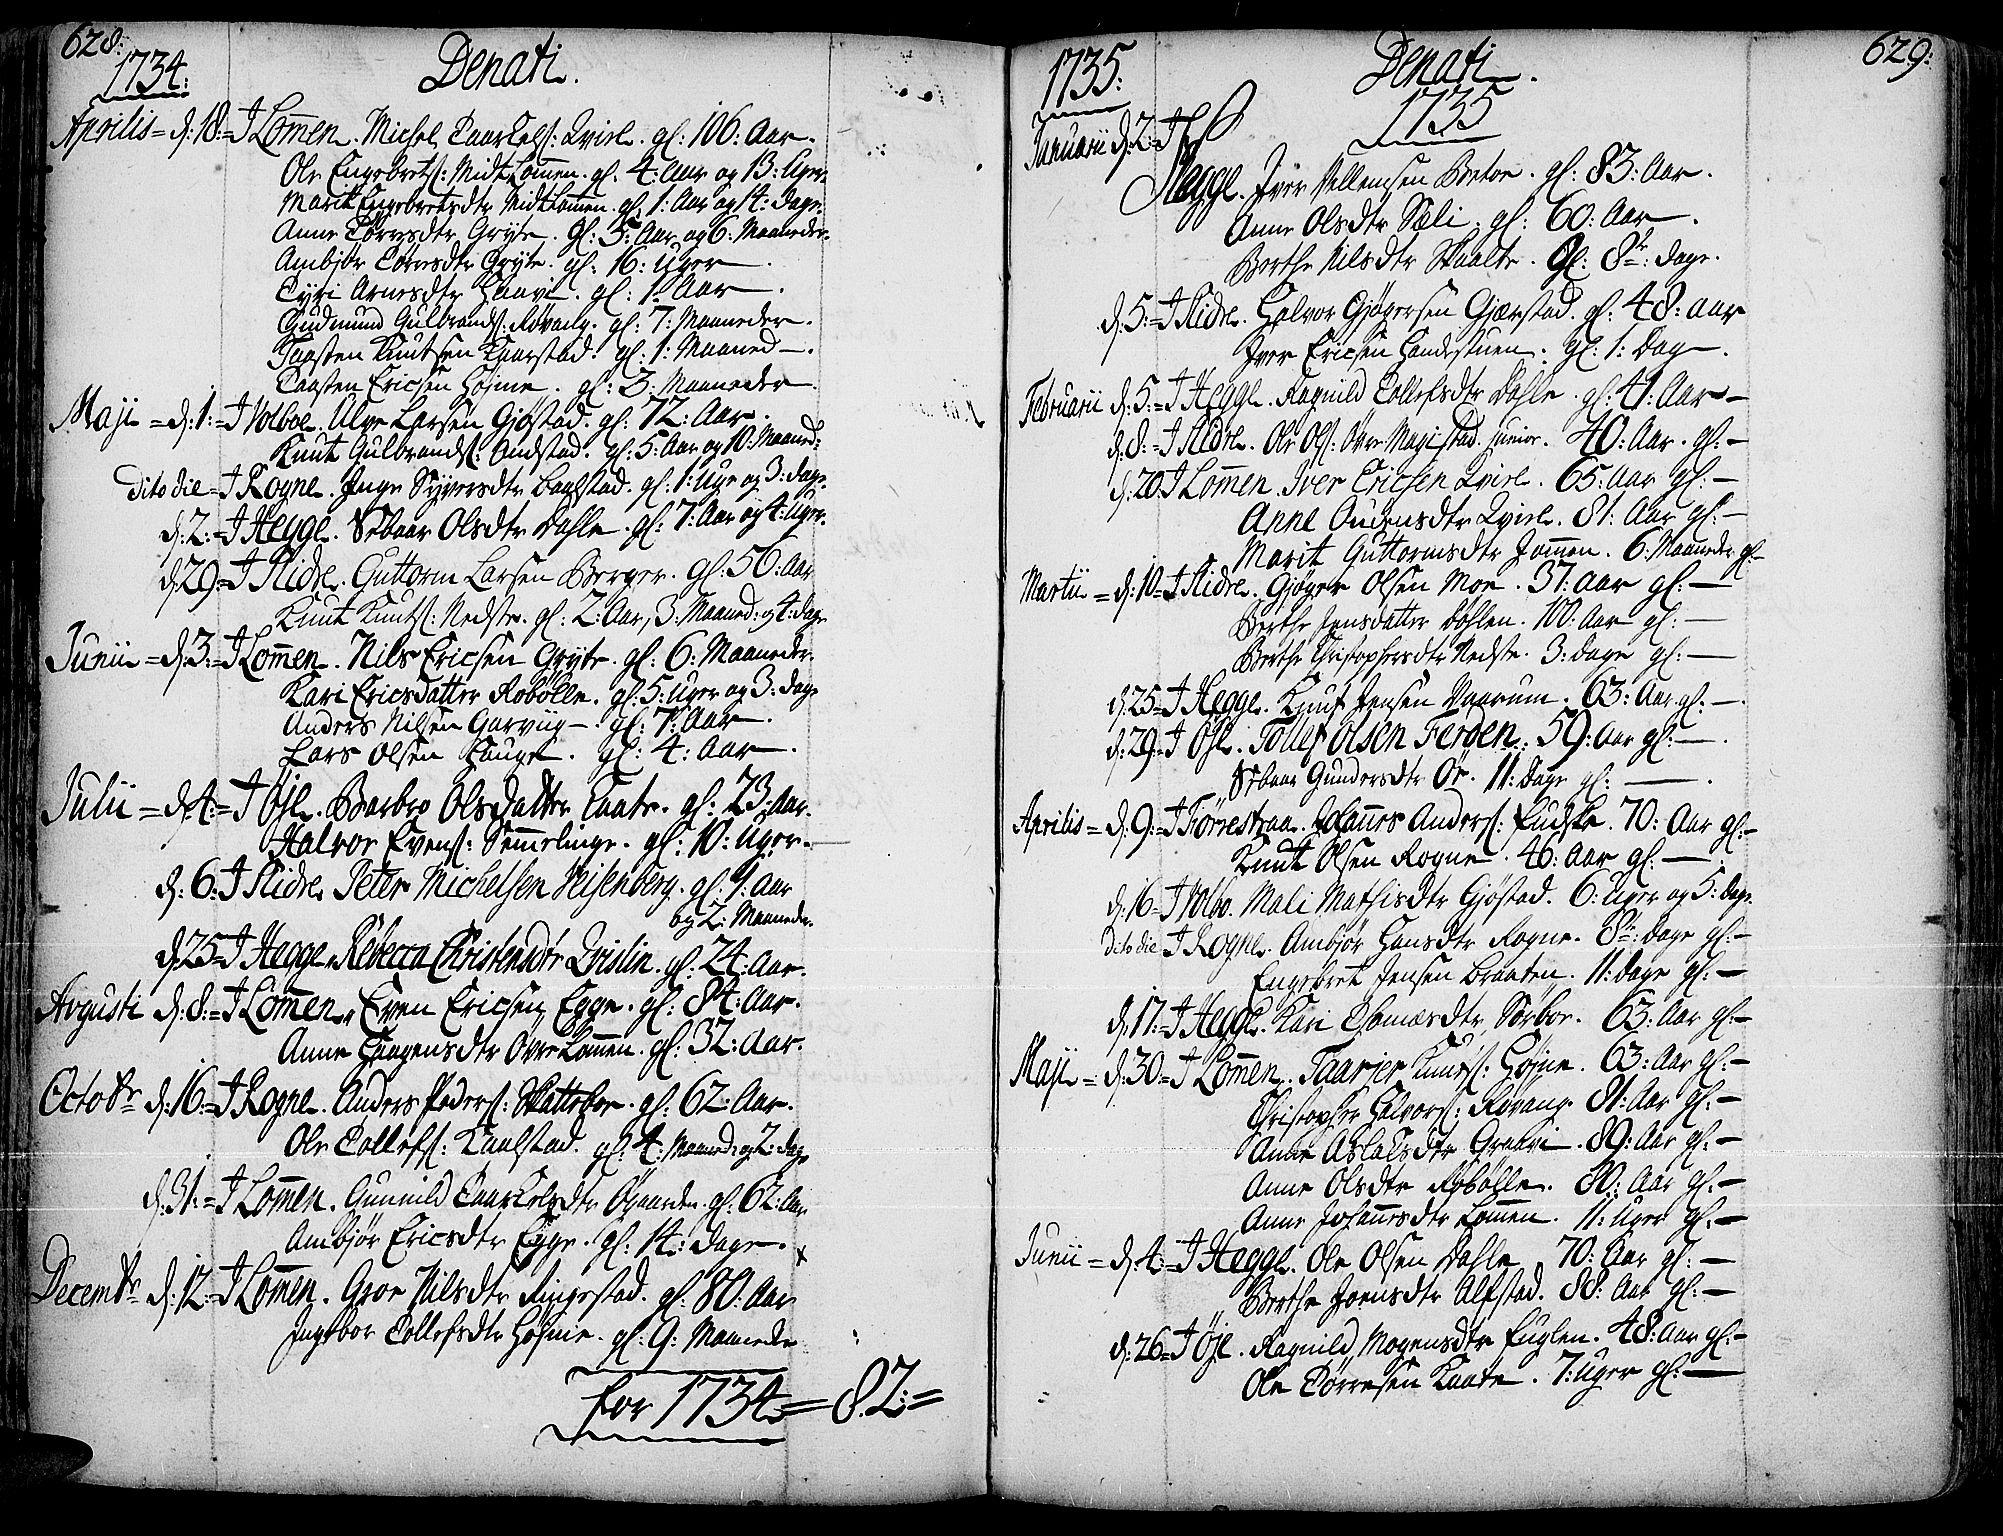 SAH, Slidre prestekontor, Ministerialbok nr. 1, 1724-1814, s. 628-629